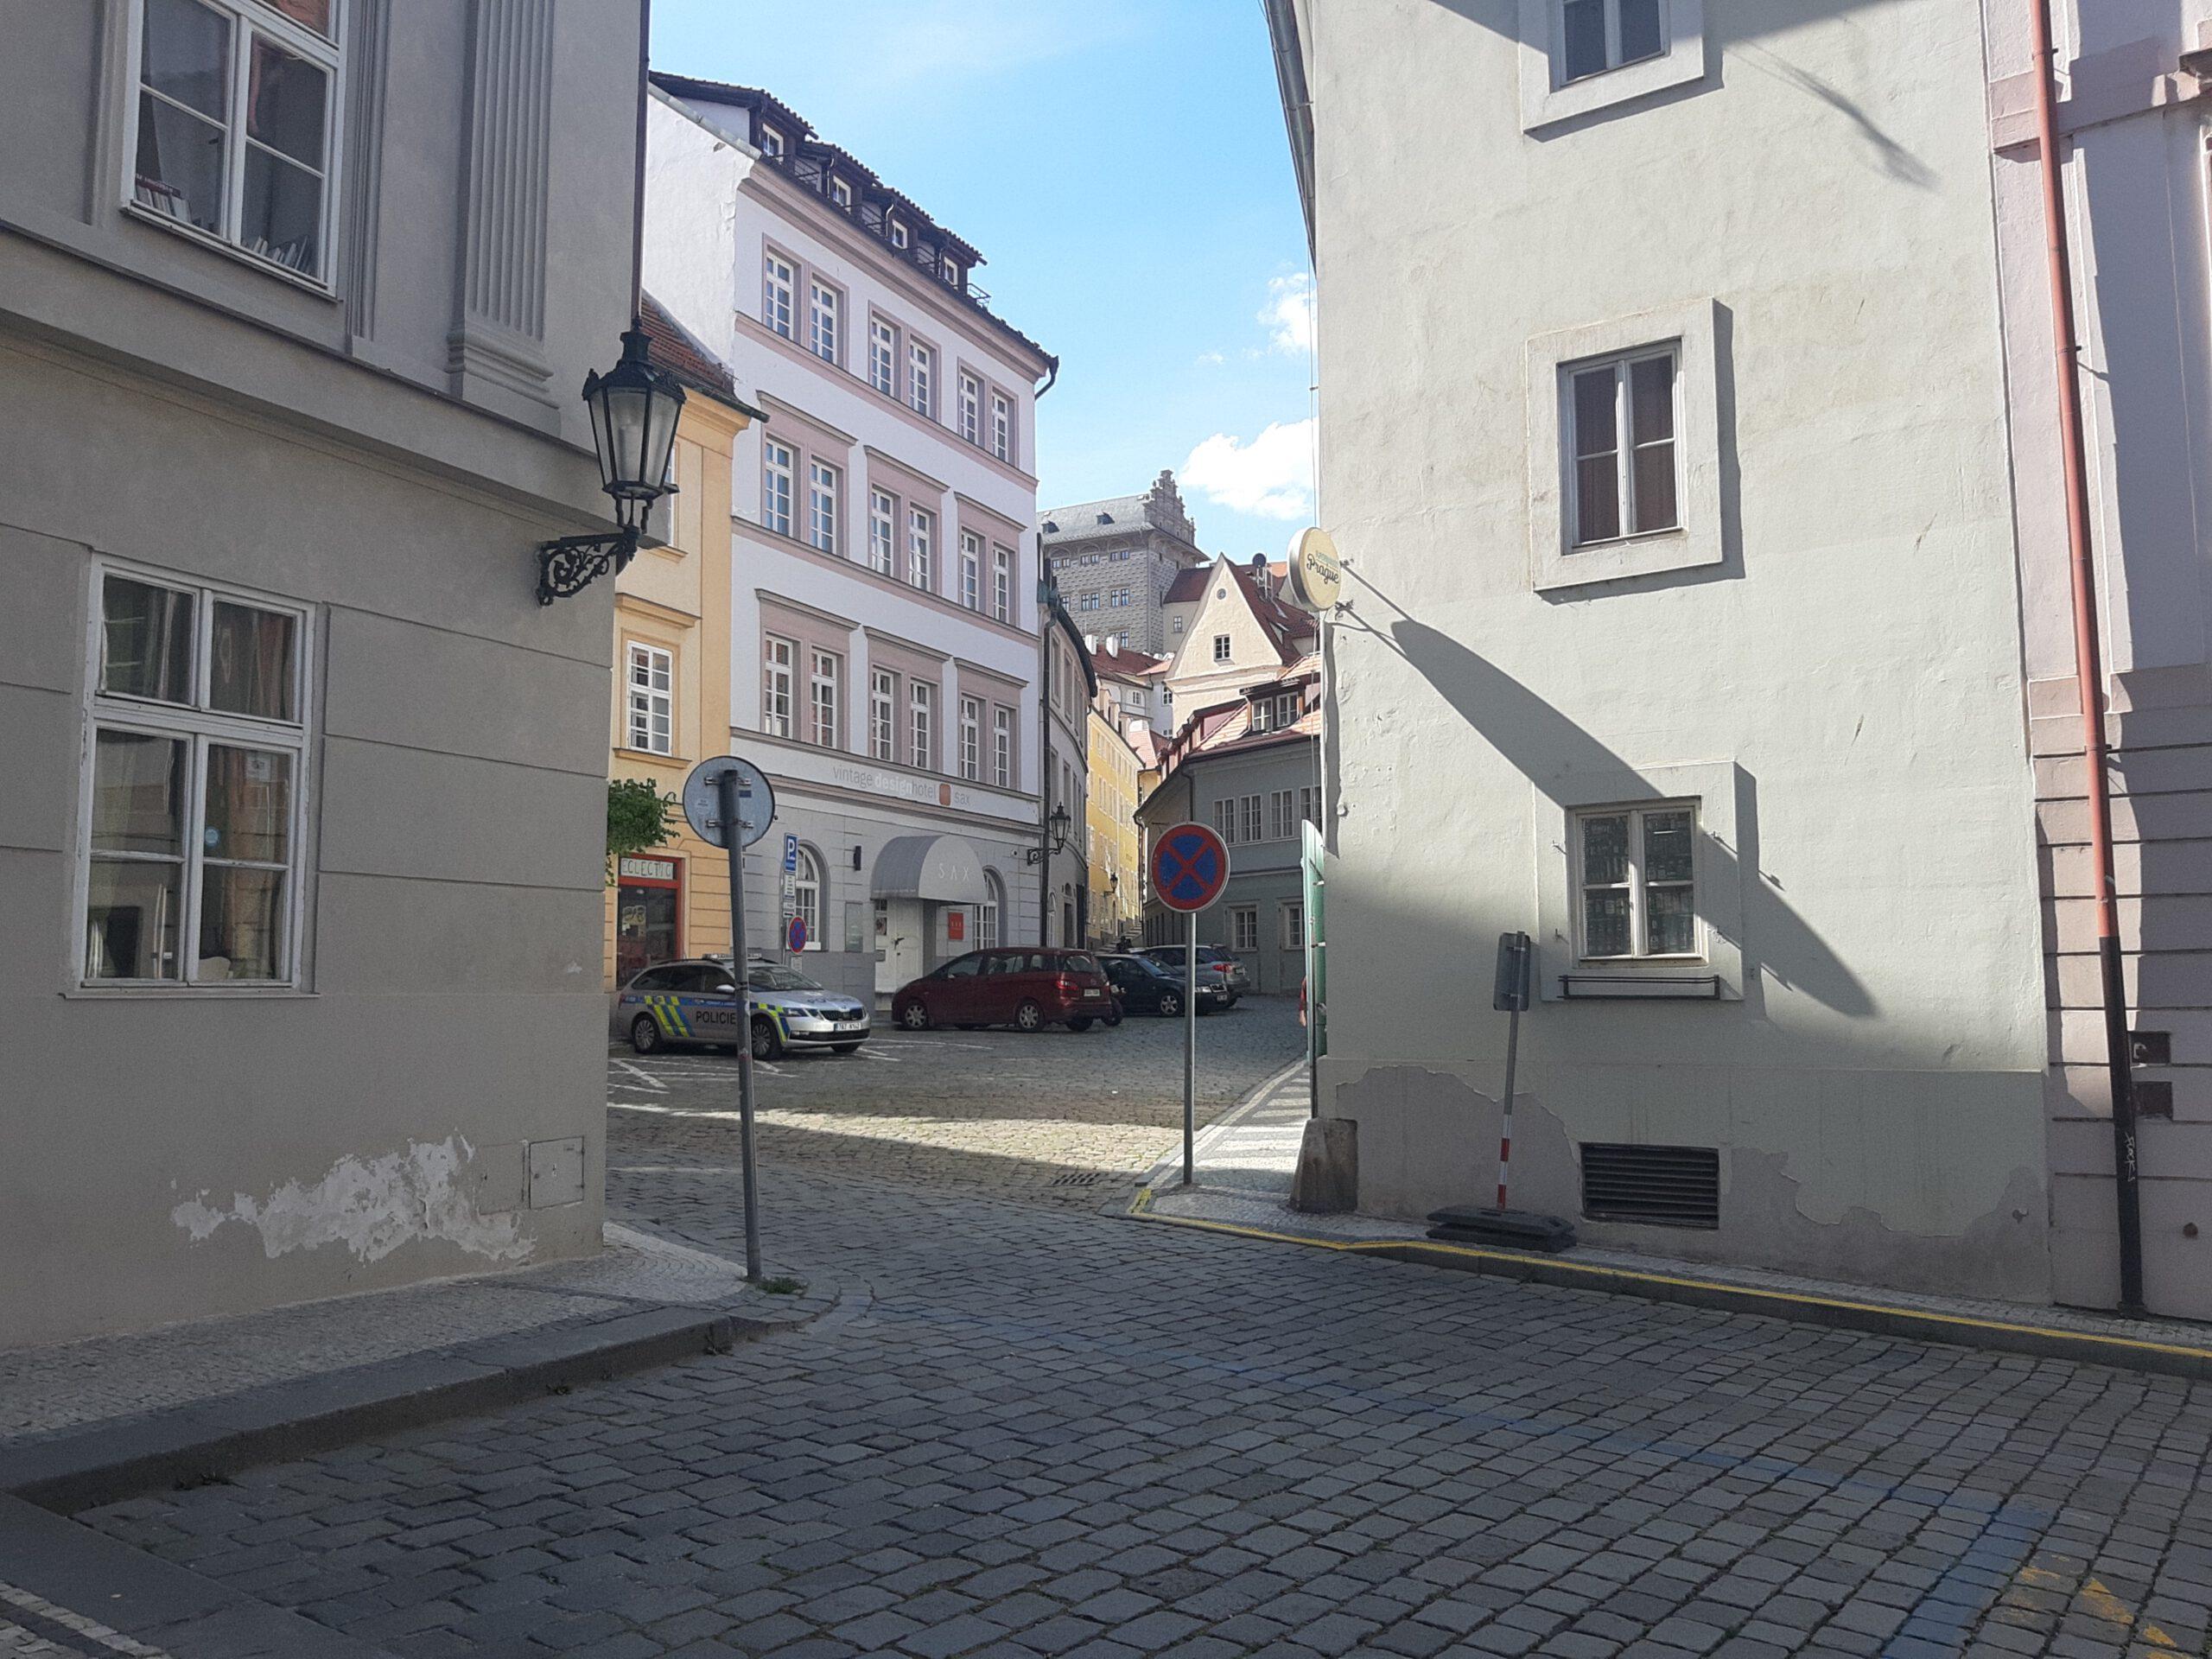 Pohled na okolí studia, ulička vedoucí k Pražskému hradu